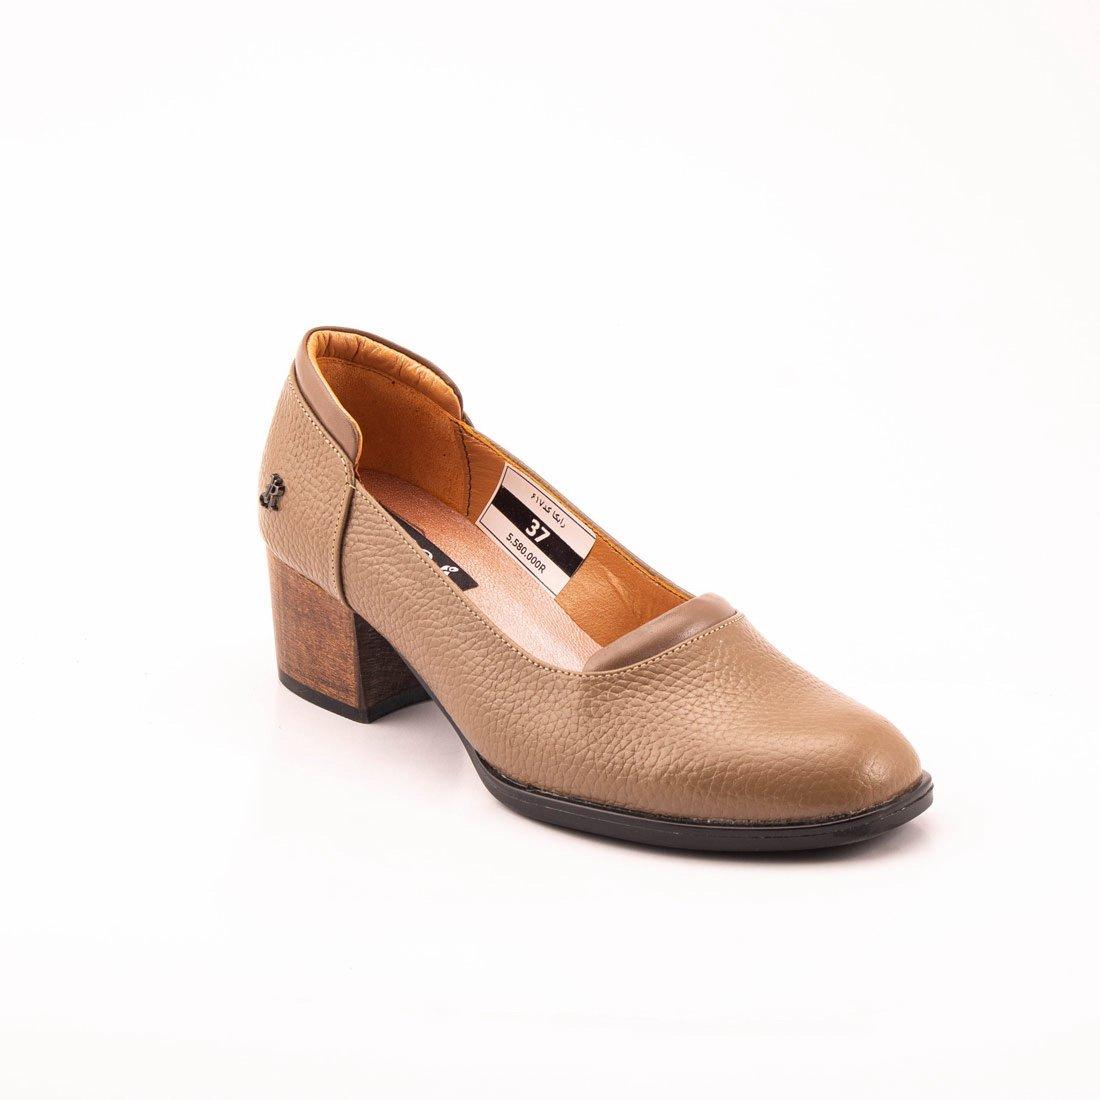 زنانه کفش رایکا کد617